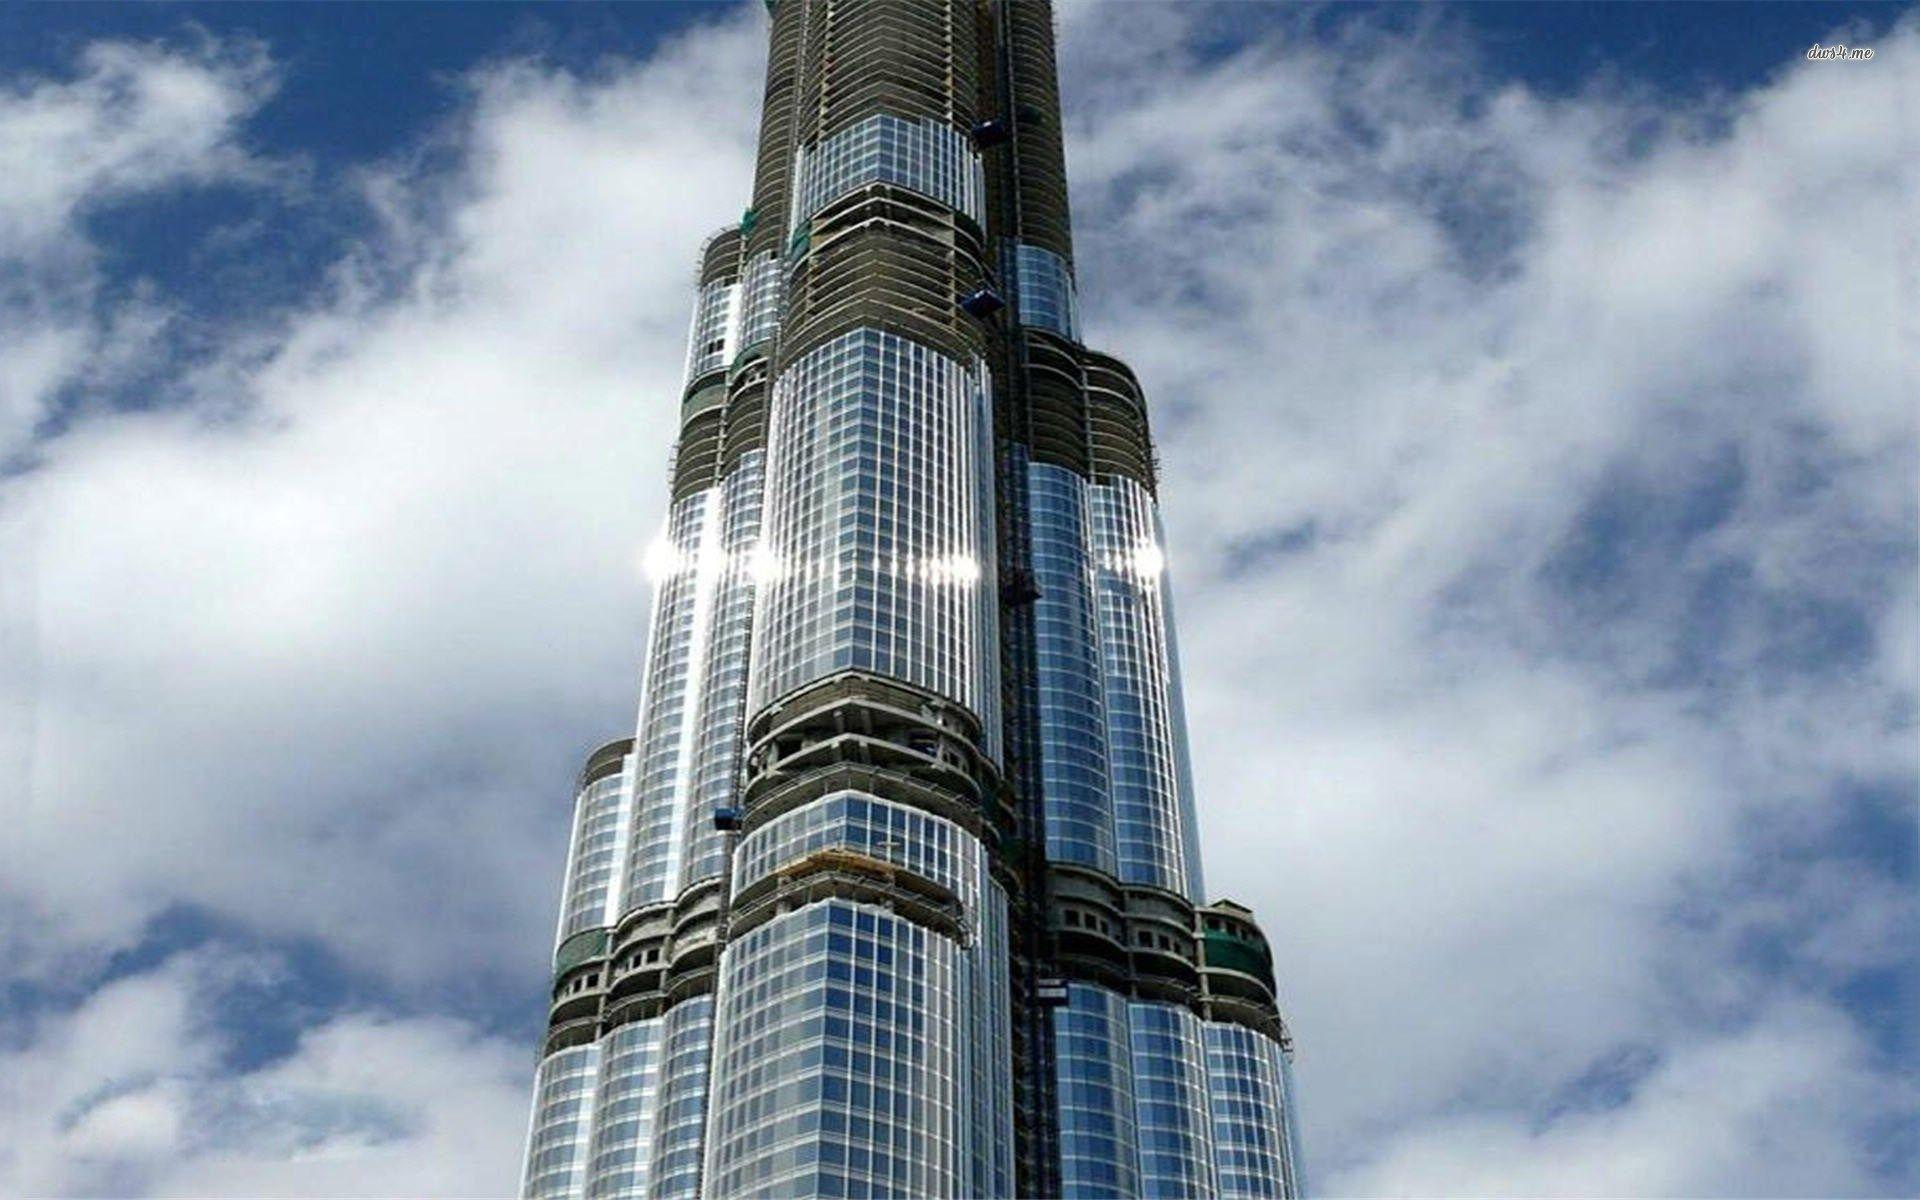 Burj Khalifa Hd Wallpaper Ololoshenka Pinterest Burj Khalifa